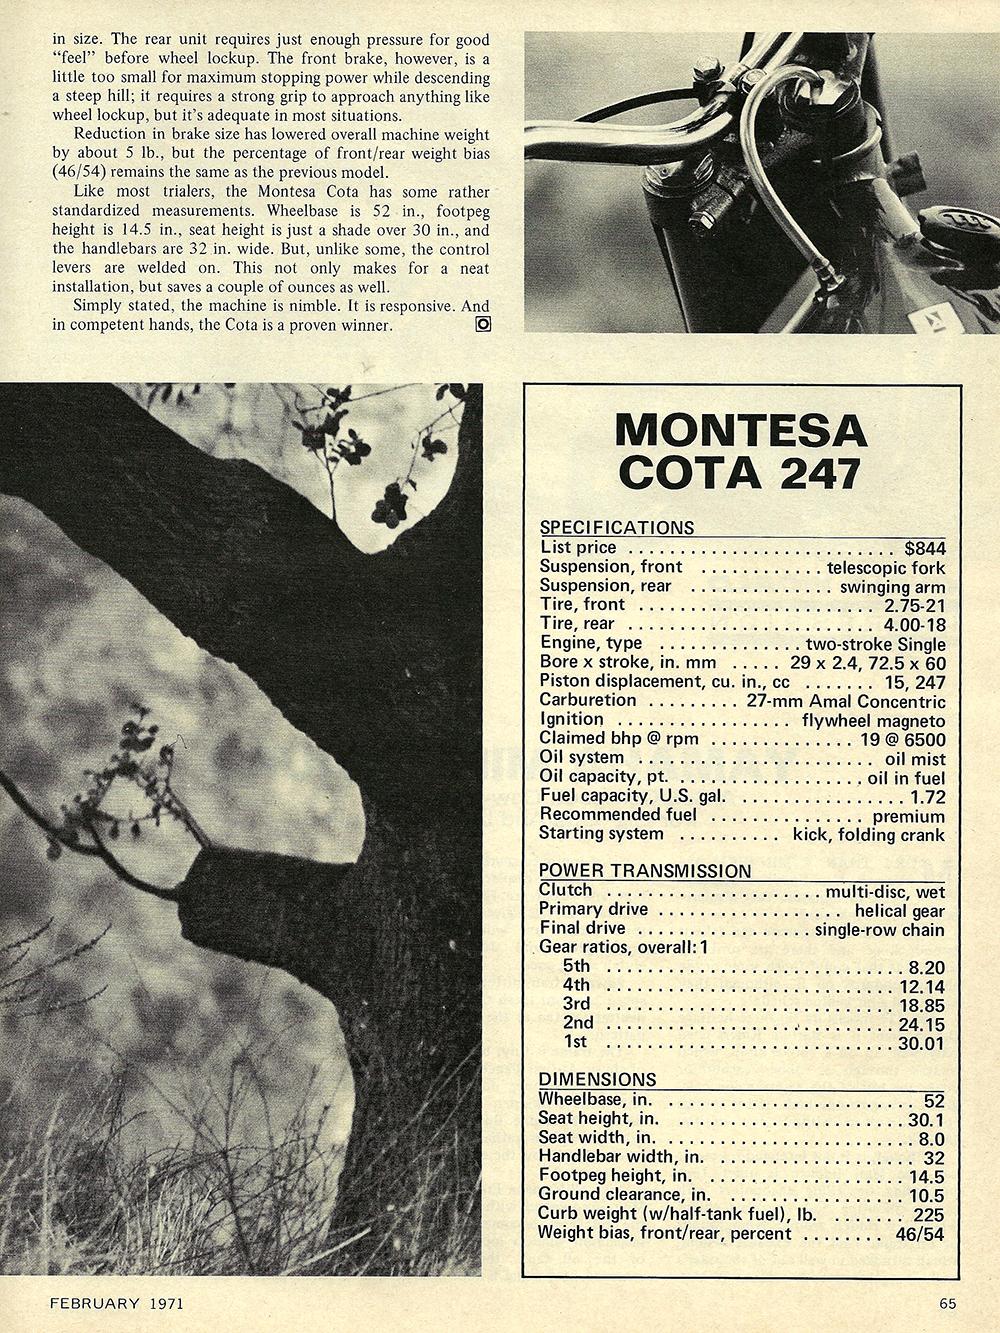 1971 Montesa Cota 247 road test 04.jpg